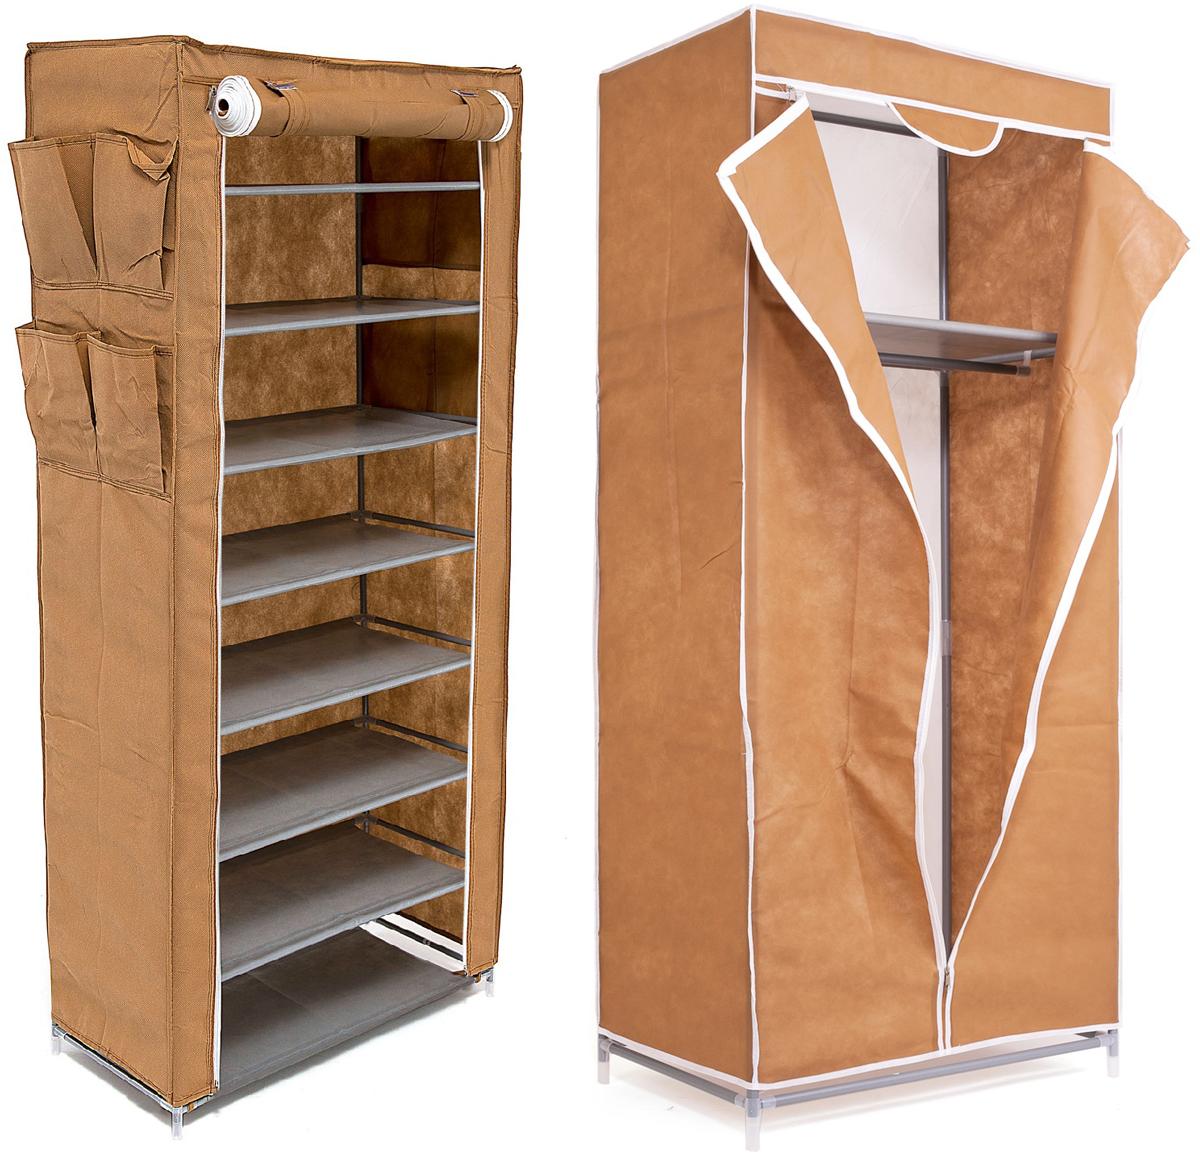 Набор кофров для хранения Homsu, цвет: коричневый, 2 предметаPANTERA SPX-2RSУникальный дизайн этого комплекта станет настоящим украшением для любого интерьера. Практичная составляющая подобной мебели также вне сомнений. Лёгкие и прочные устойчивые конструкции из каркасов и тканевой обивки могут быть легко собраны вами без посторонней помощи, буквально за несколько минут.Такая мебель будет всегда удобной и максимально практичной, ведь верхнюю тканевую часть при надобности можно всегда постирать либо же попросту поменять на аналогичную другого цвета. Кроме того, такие конструкции всегда будут отличным решением для того, кому по душе мобильность и постоянная смена обстановки. 680х450х1550; 600х300х1360